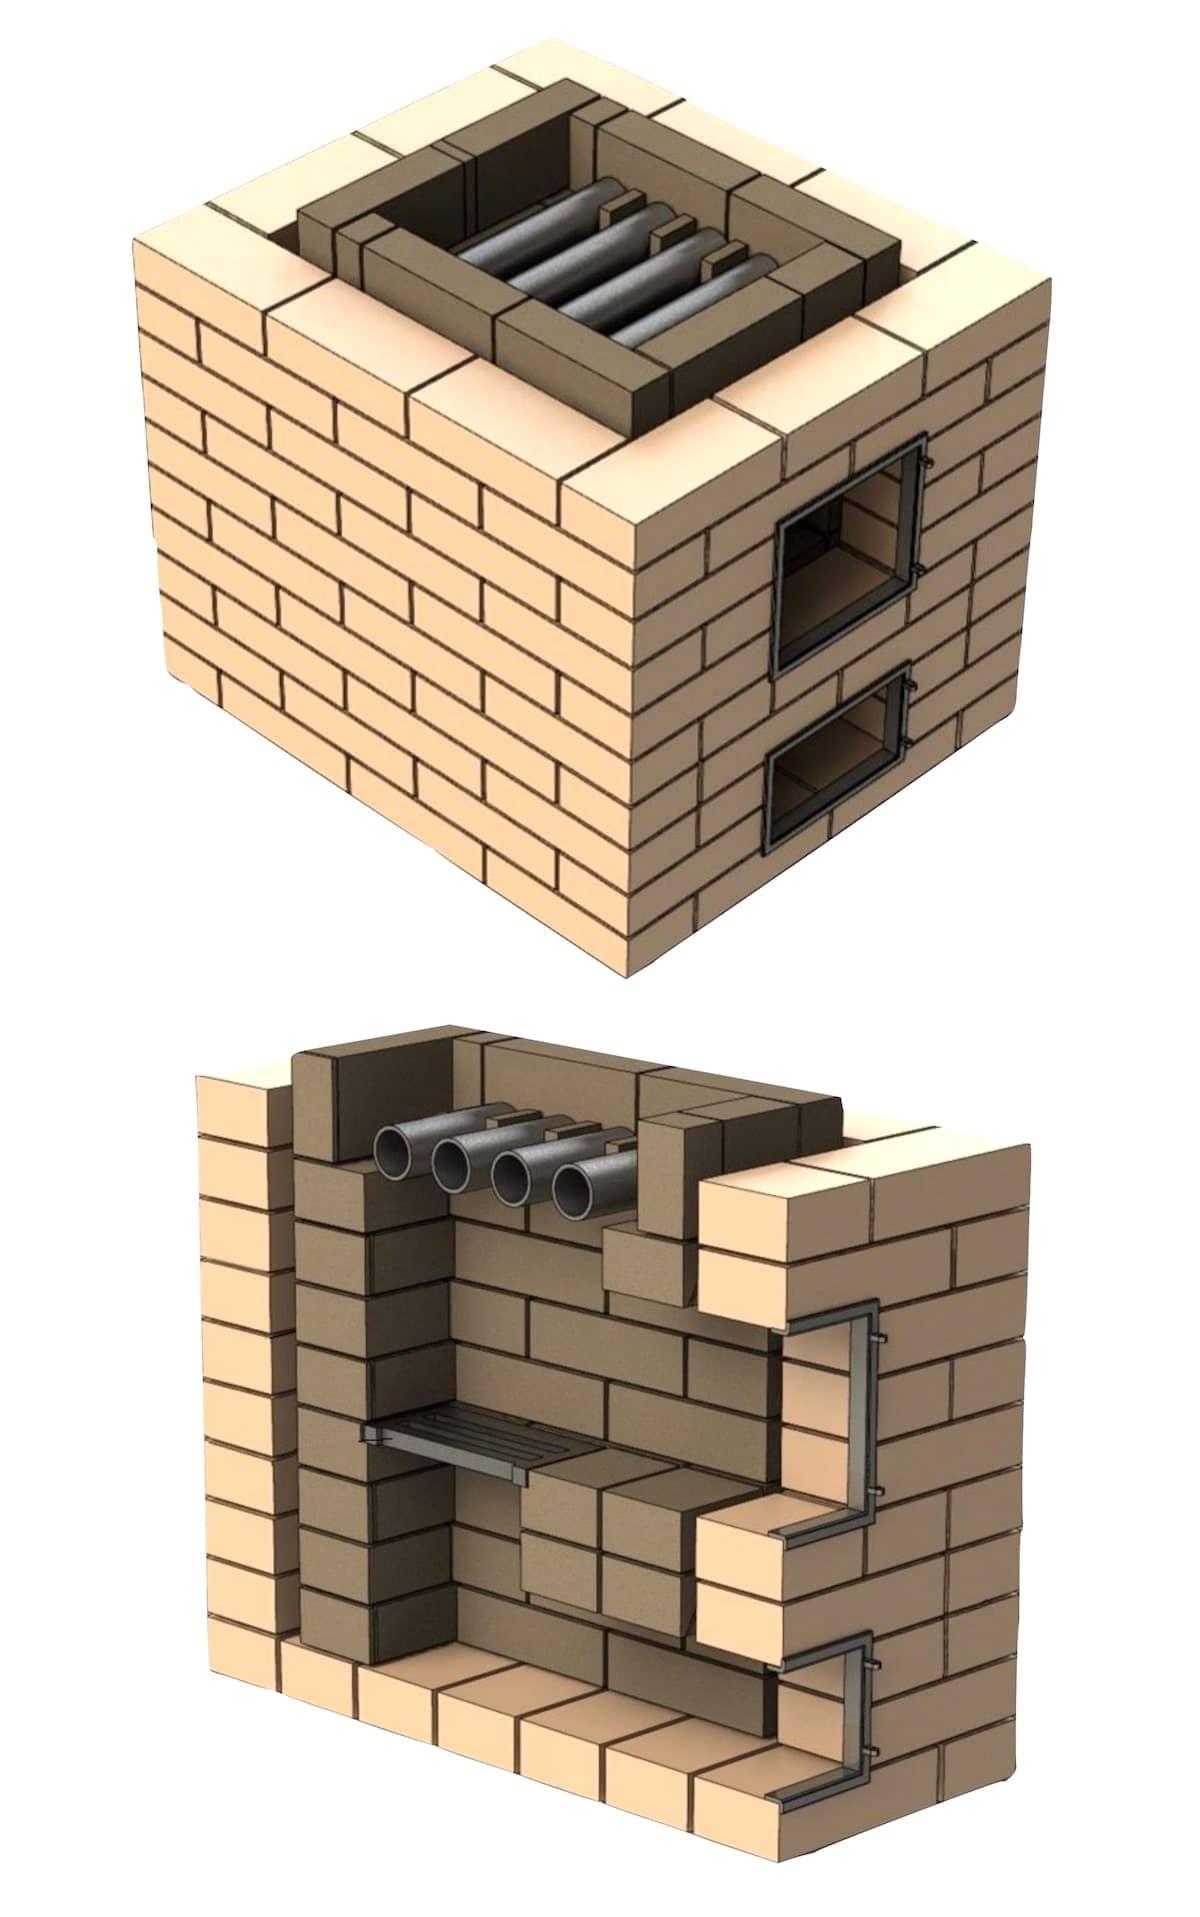 Poêle à bain de briques en coupe (schéma)